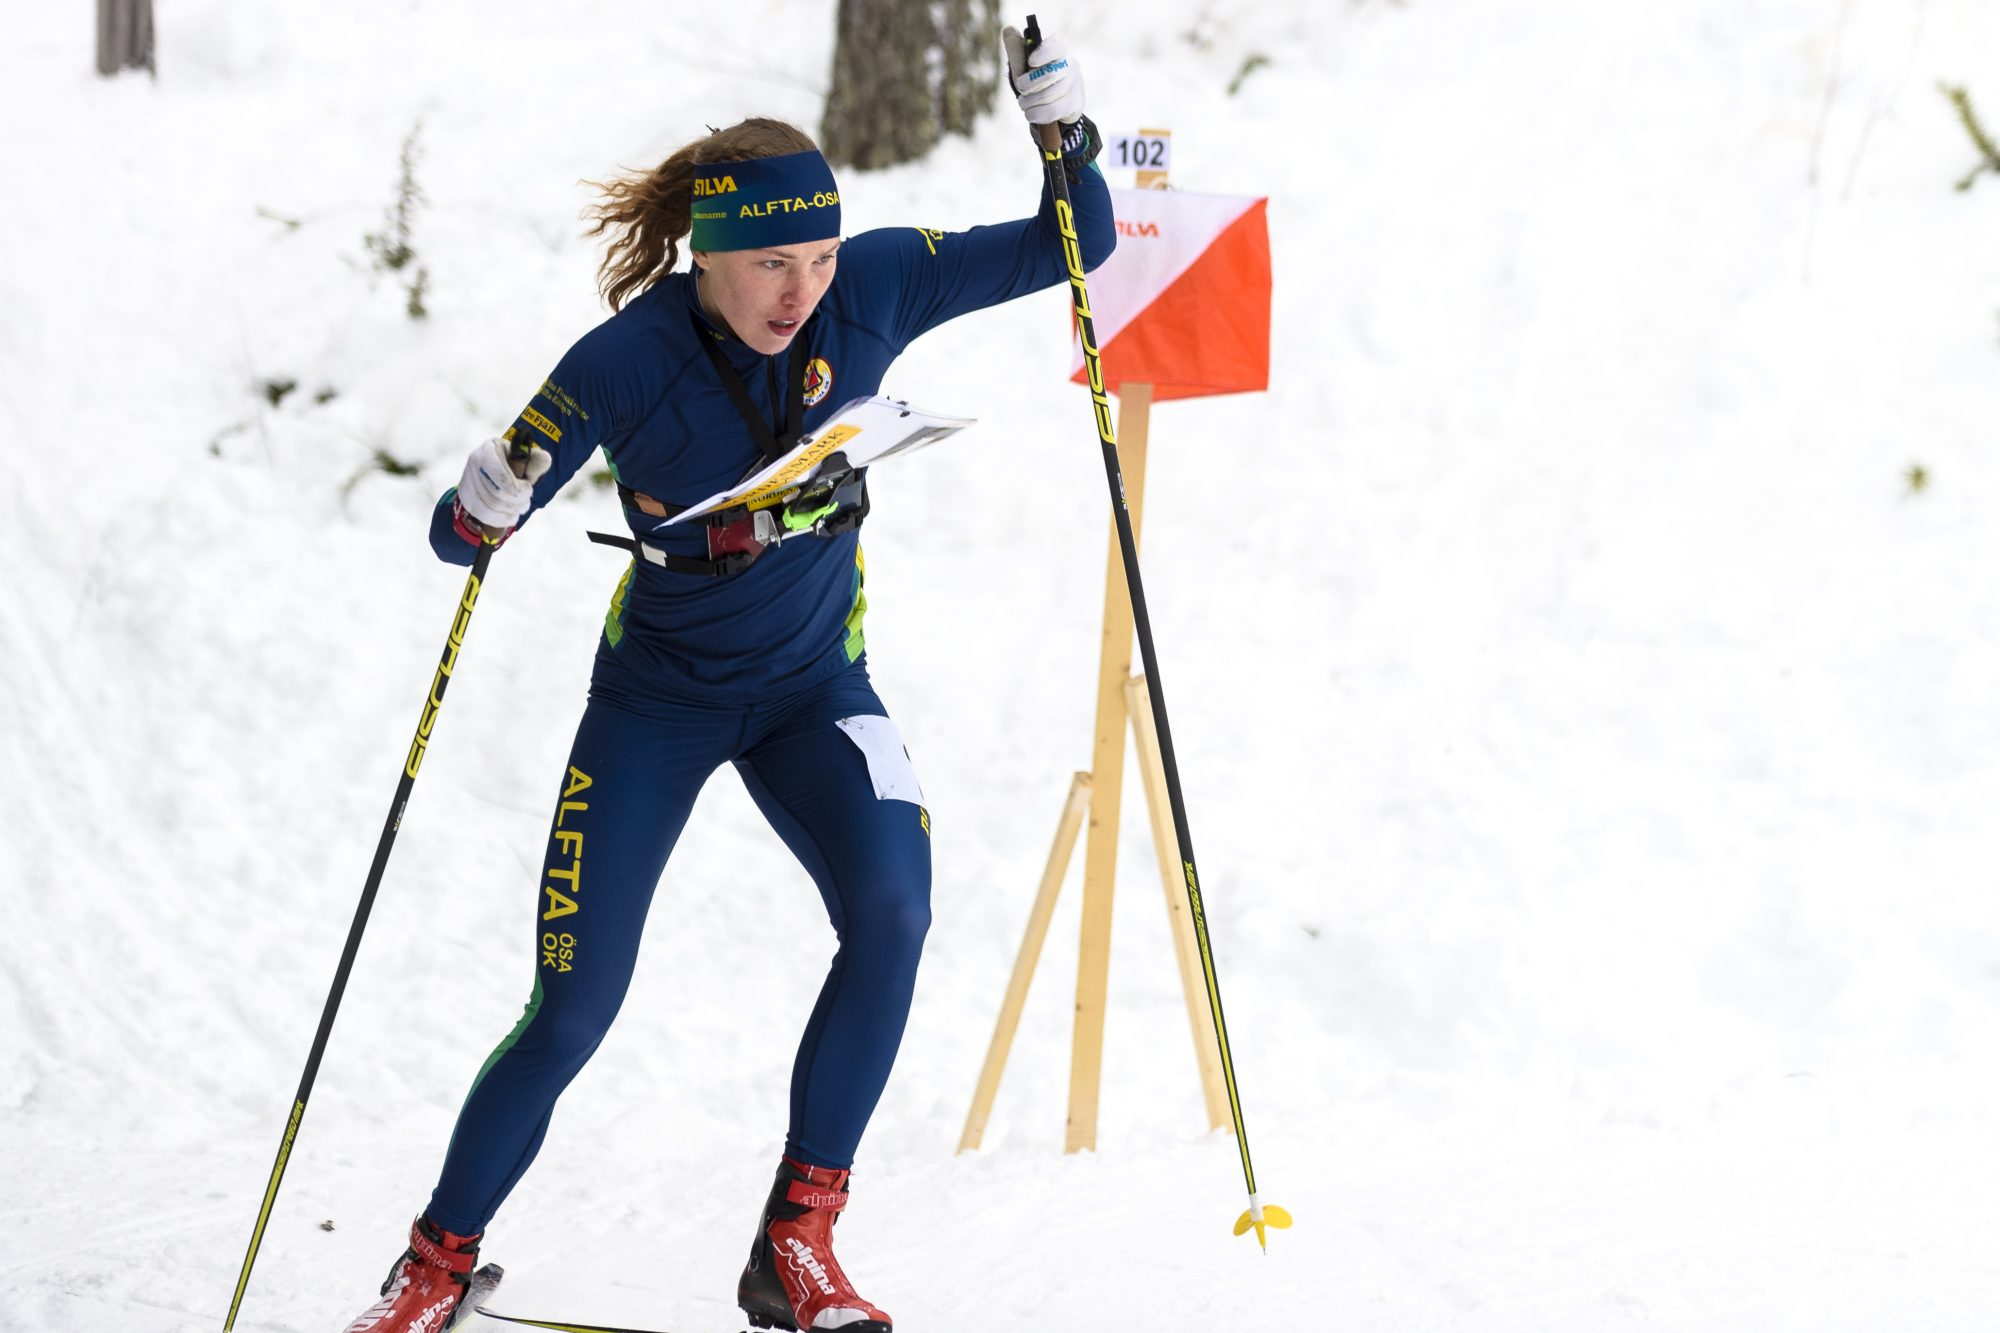 Tova Alexandersson, Alfta-…sa tävlar i damernas skidorientering jaktstart under dag fem av SM-veckan den 31 januari 2016 i Piteå.